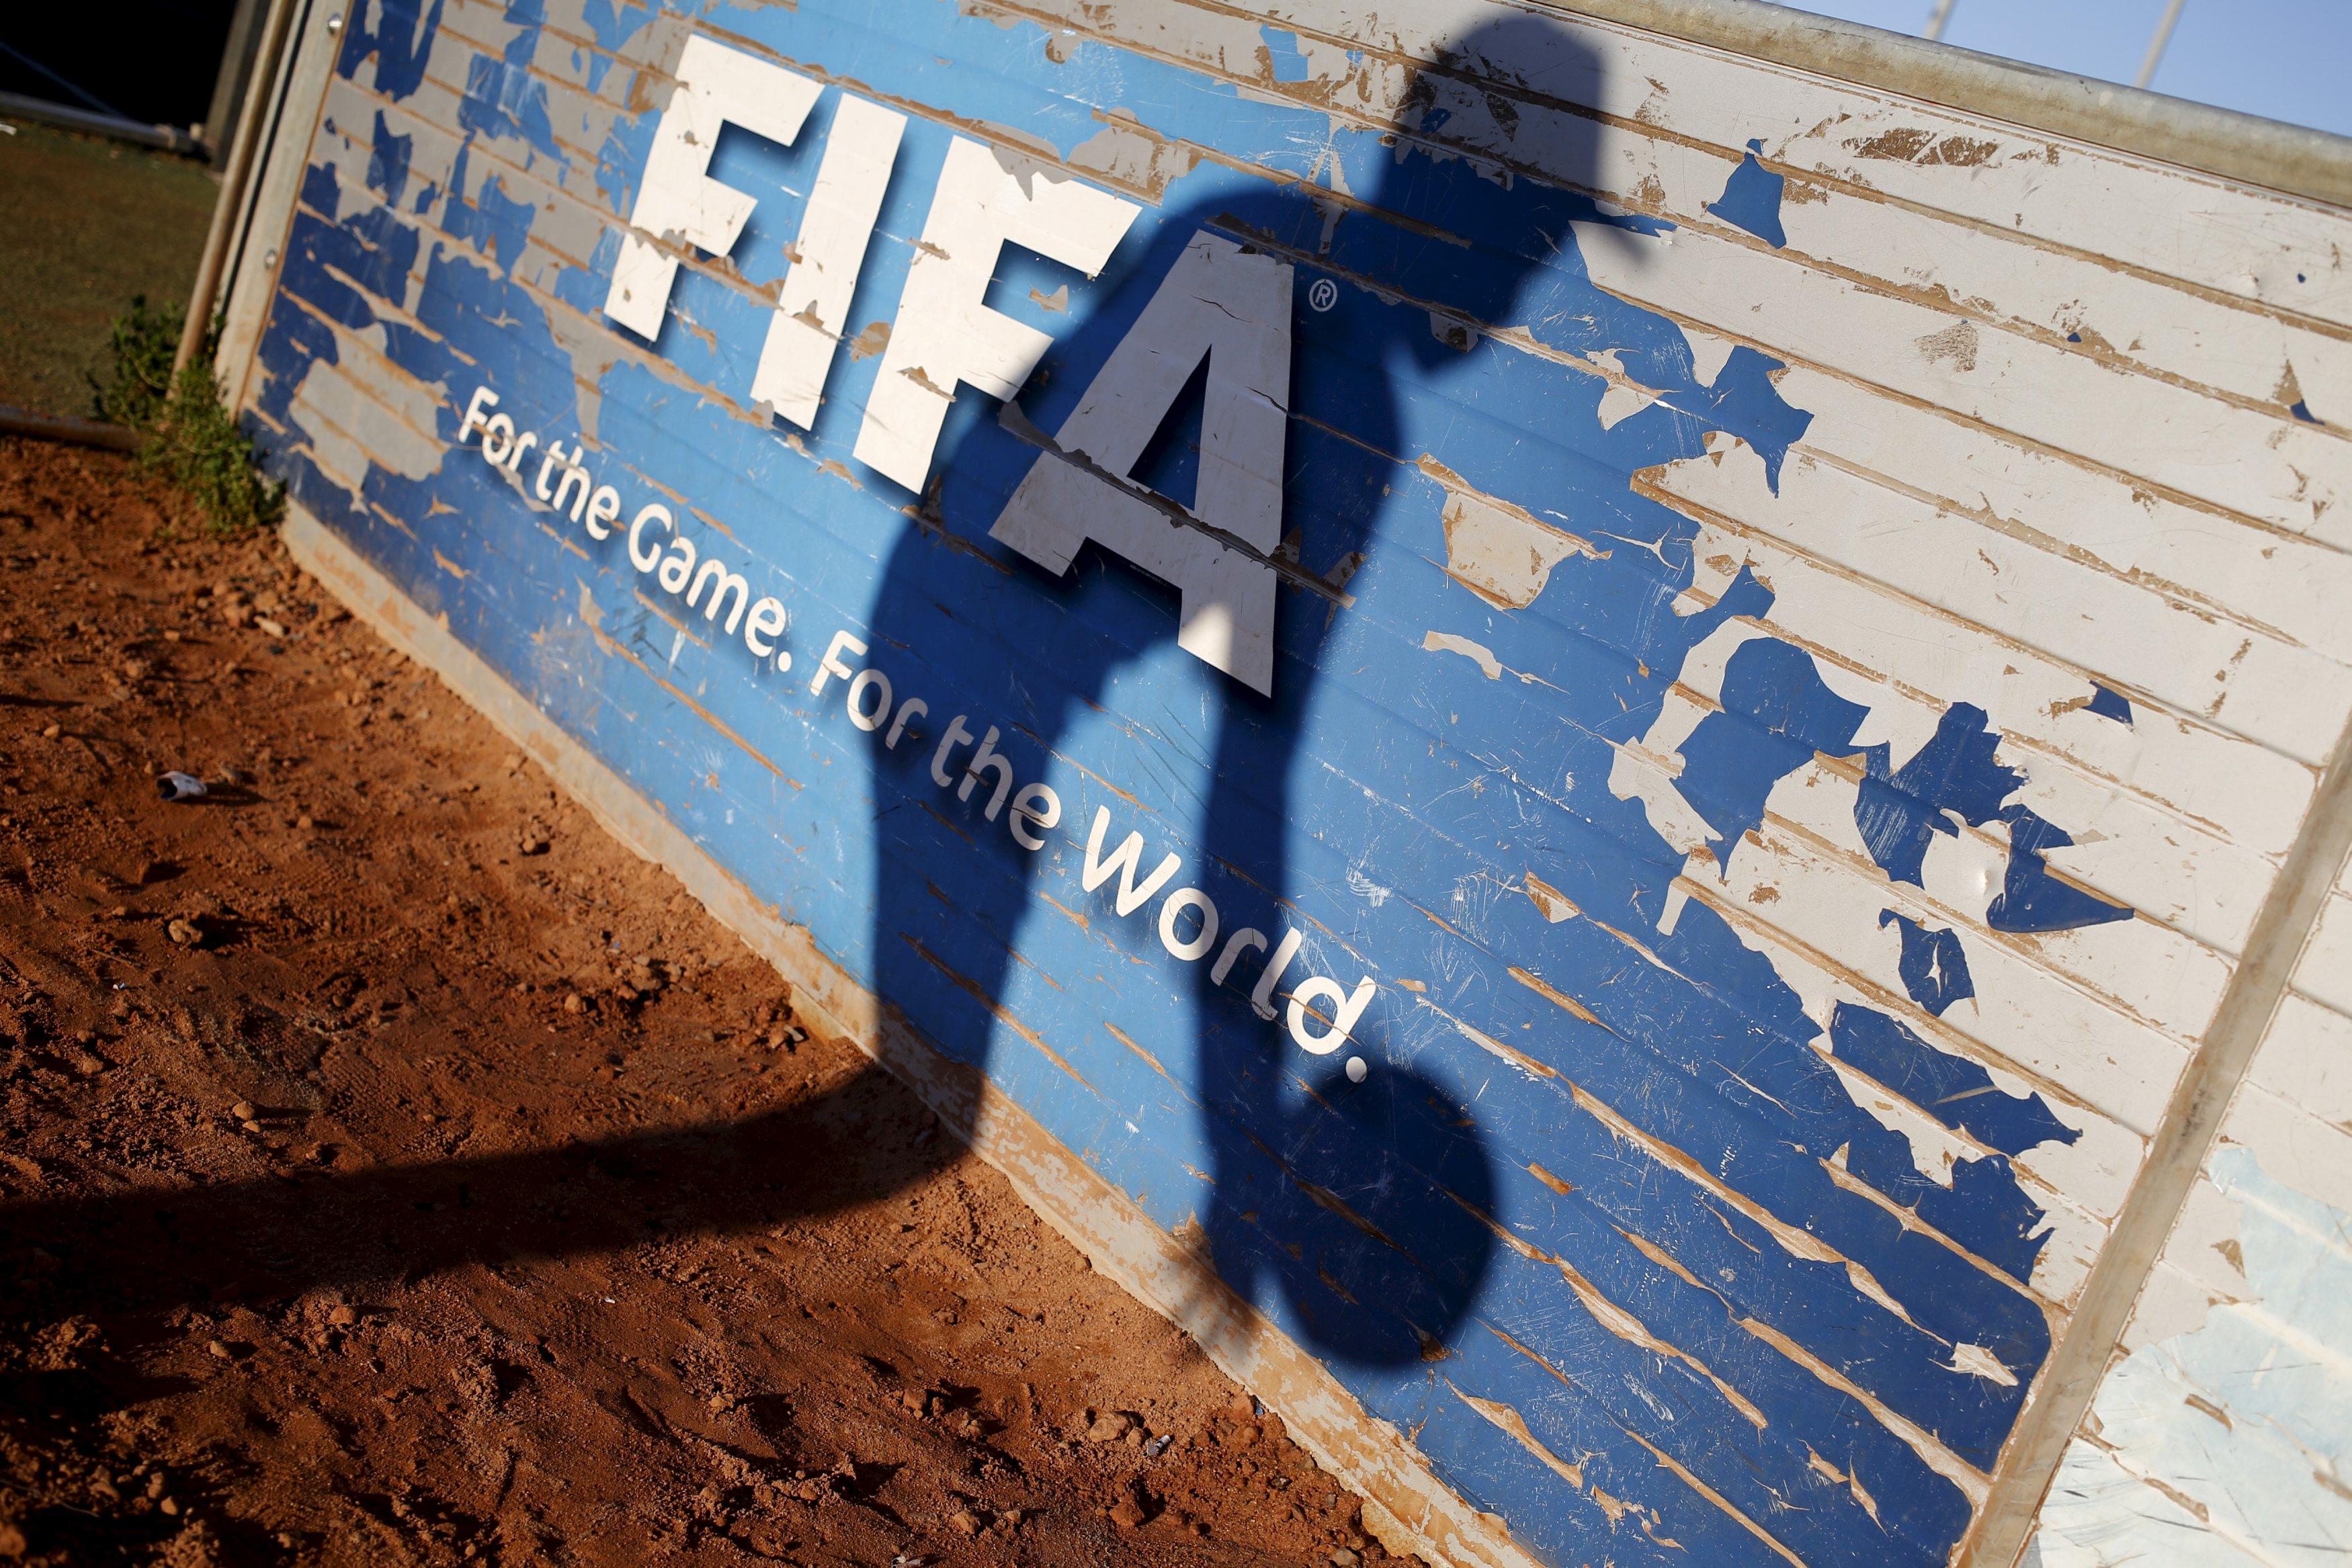 Seorang anak mengambil bola di samping lapangan buatan di Football Centre (pusat sepakbola) for Hope di Kota Khayelitsha Cape Town, 29 Juni 2015. Pusat tersebut adalah salah satu dari beberapa yang dibangun oleh FIFA di Afrika Selatan menjelang Piala Dunia Sepakbola 2010, bertujuan untuk mengembangkan olahraga dan memecahkan masalah kepemudaan di kota miskin tersebut. Meski ada yang mengkritisi aliran uang tunai FIFA ke Afrika dan negara berkembang lainnya sebagai alat yang digunakan Sepp Blatter membangun basis kekuatan elektoral, banyak negara yang bergantung pada uang tunai dari Zurich untuk membantu mendanai fasilitas sepakbola nasional saat kosongnya bantuan dari sponsor atau pemerintah. Dan sebagai badan sepakbola dunia yang terkena krisis terburuk dalam sejarah 111 tahun, lebih fokus untuk membersihkan lembaganya terlebih dahulu, mereka yang berada di bidang olahraga khawatir penekanan reformasi internal dapat merusak komitmen FIFA terhadap program pengembangan internasional. Hal yang menurut mereka, tidak boleh terjadi. ANTARA FOTO/REUTERS/Mike Hutchings.